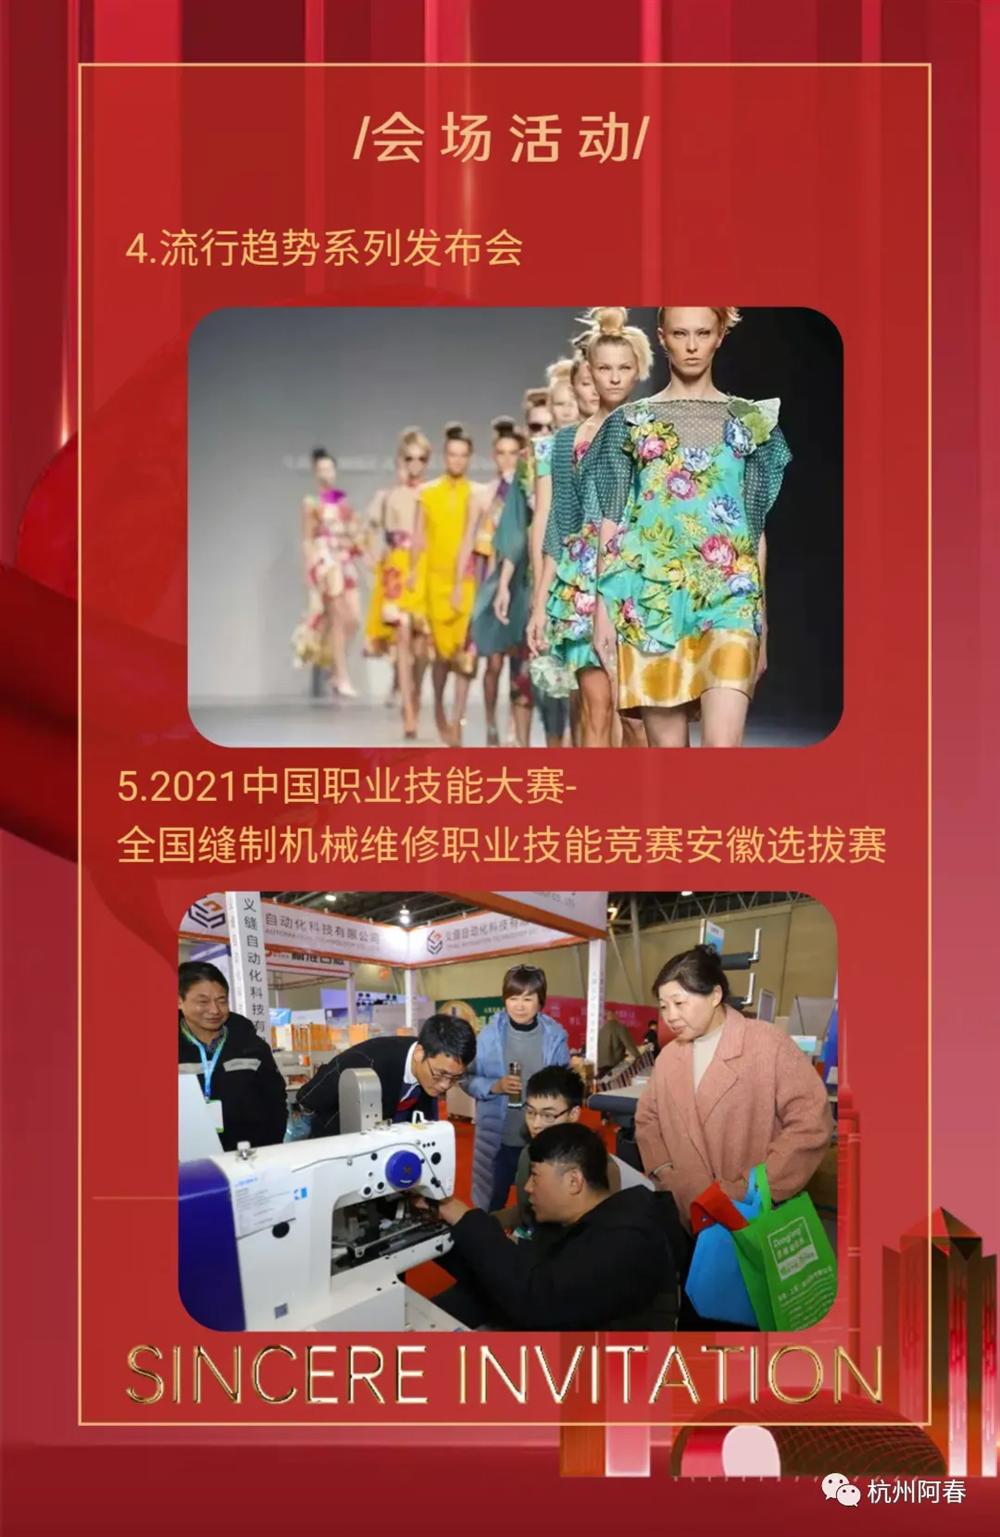 2021安徽国际纺织服装产业博览会 邀请您